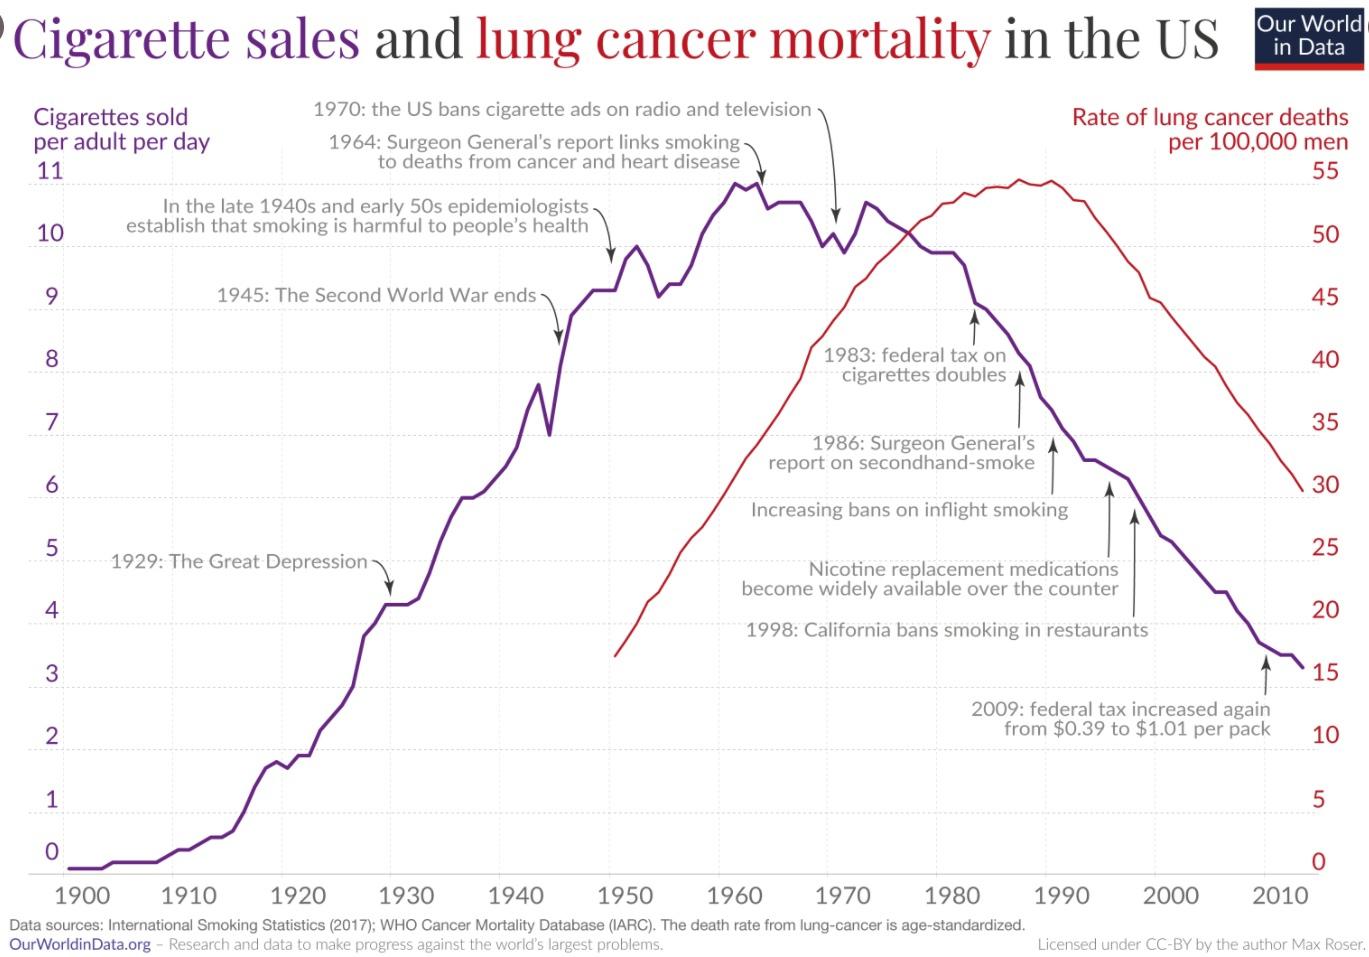 Снижение продаж сигарет привело к драматическому снижению смертности от рака легких